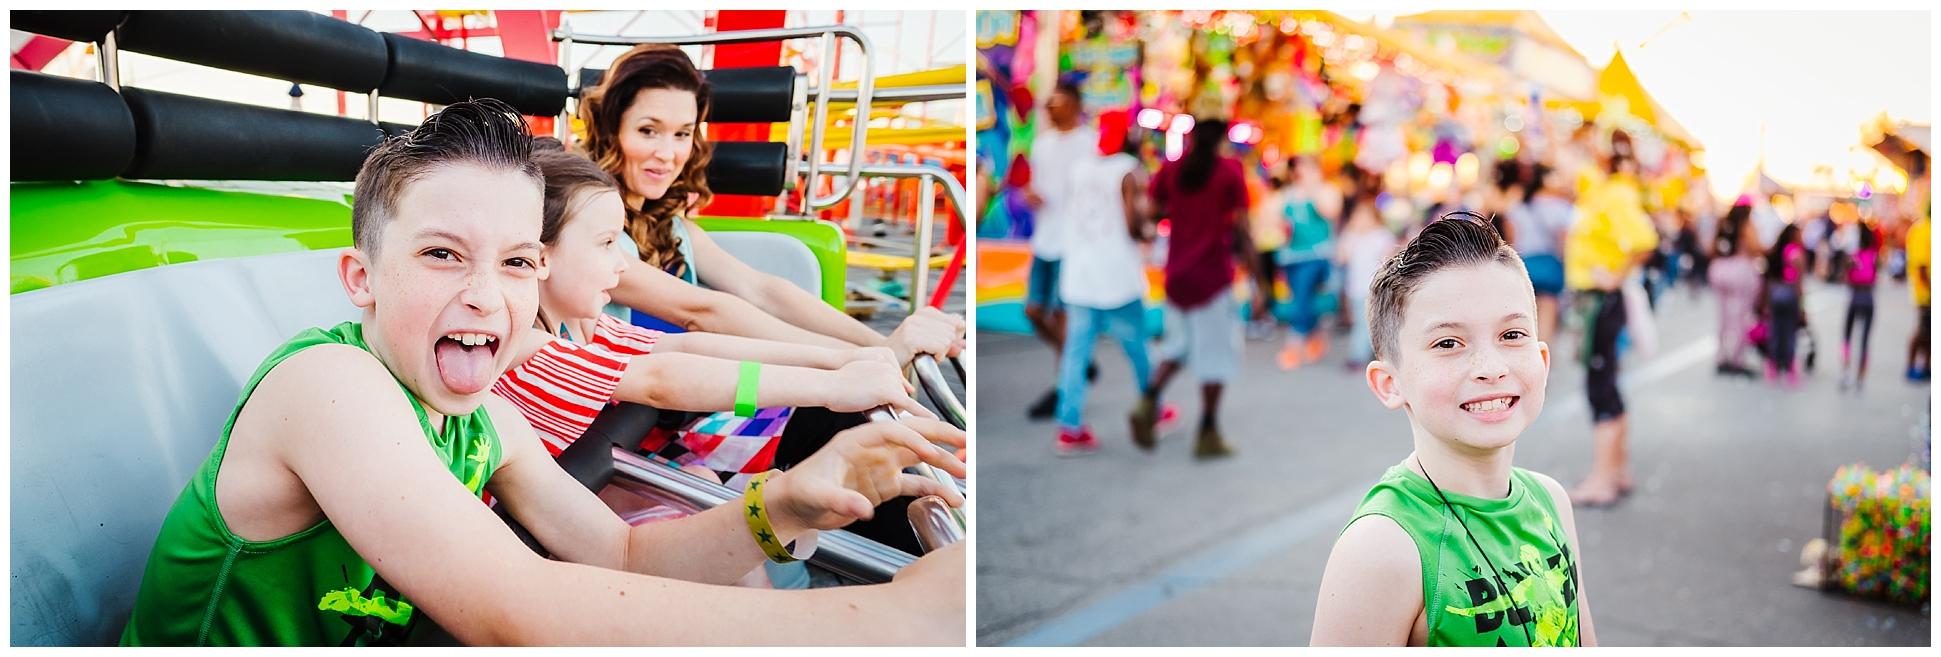 Tampa-colorful-fair-amusement park-dani family session_0016.jpg